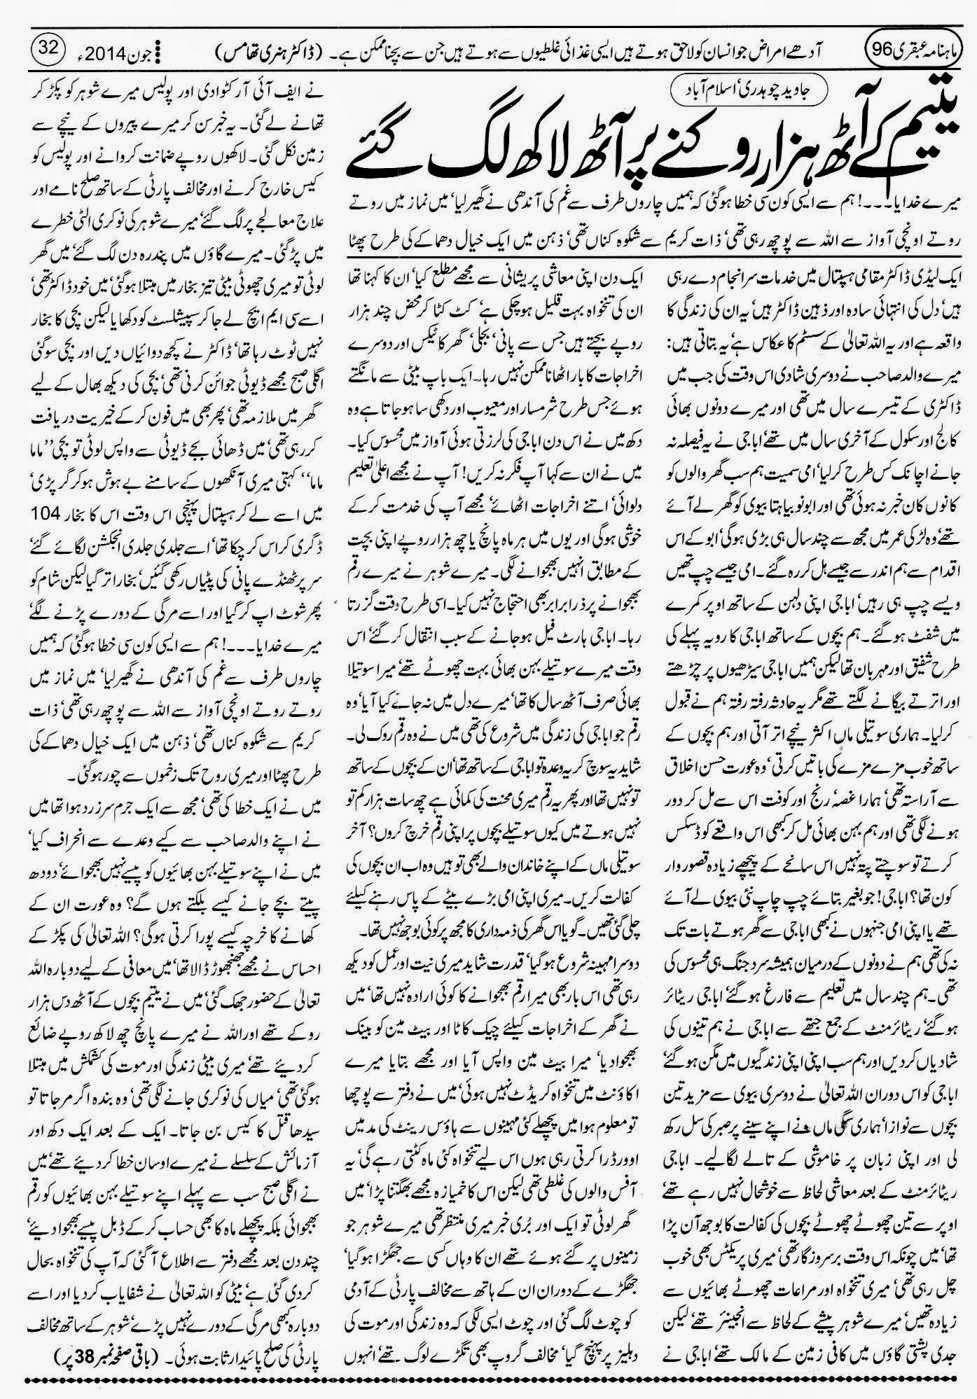 ubqari june 2014 page 32